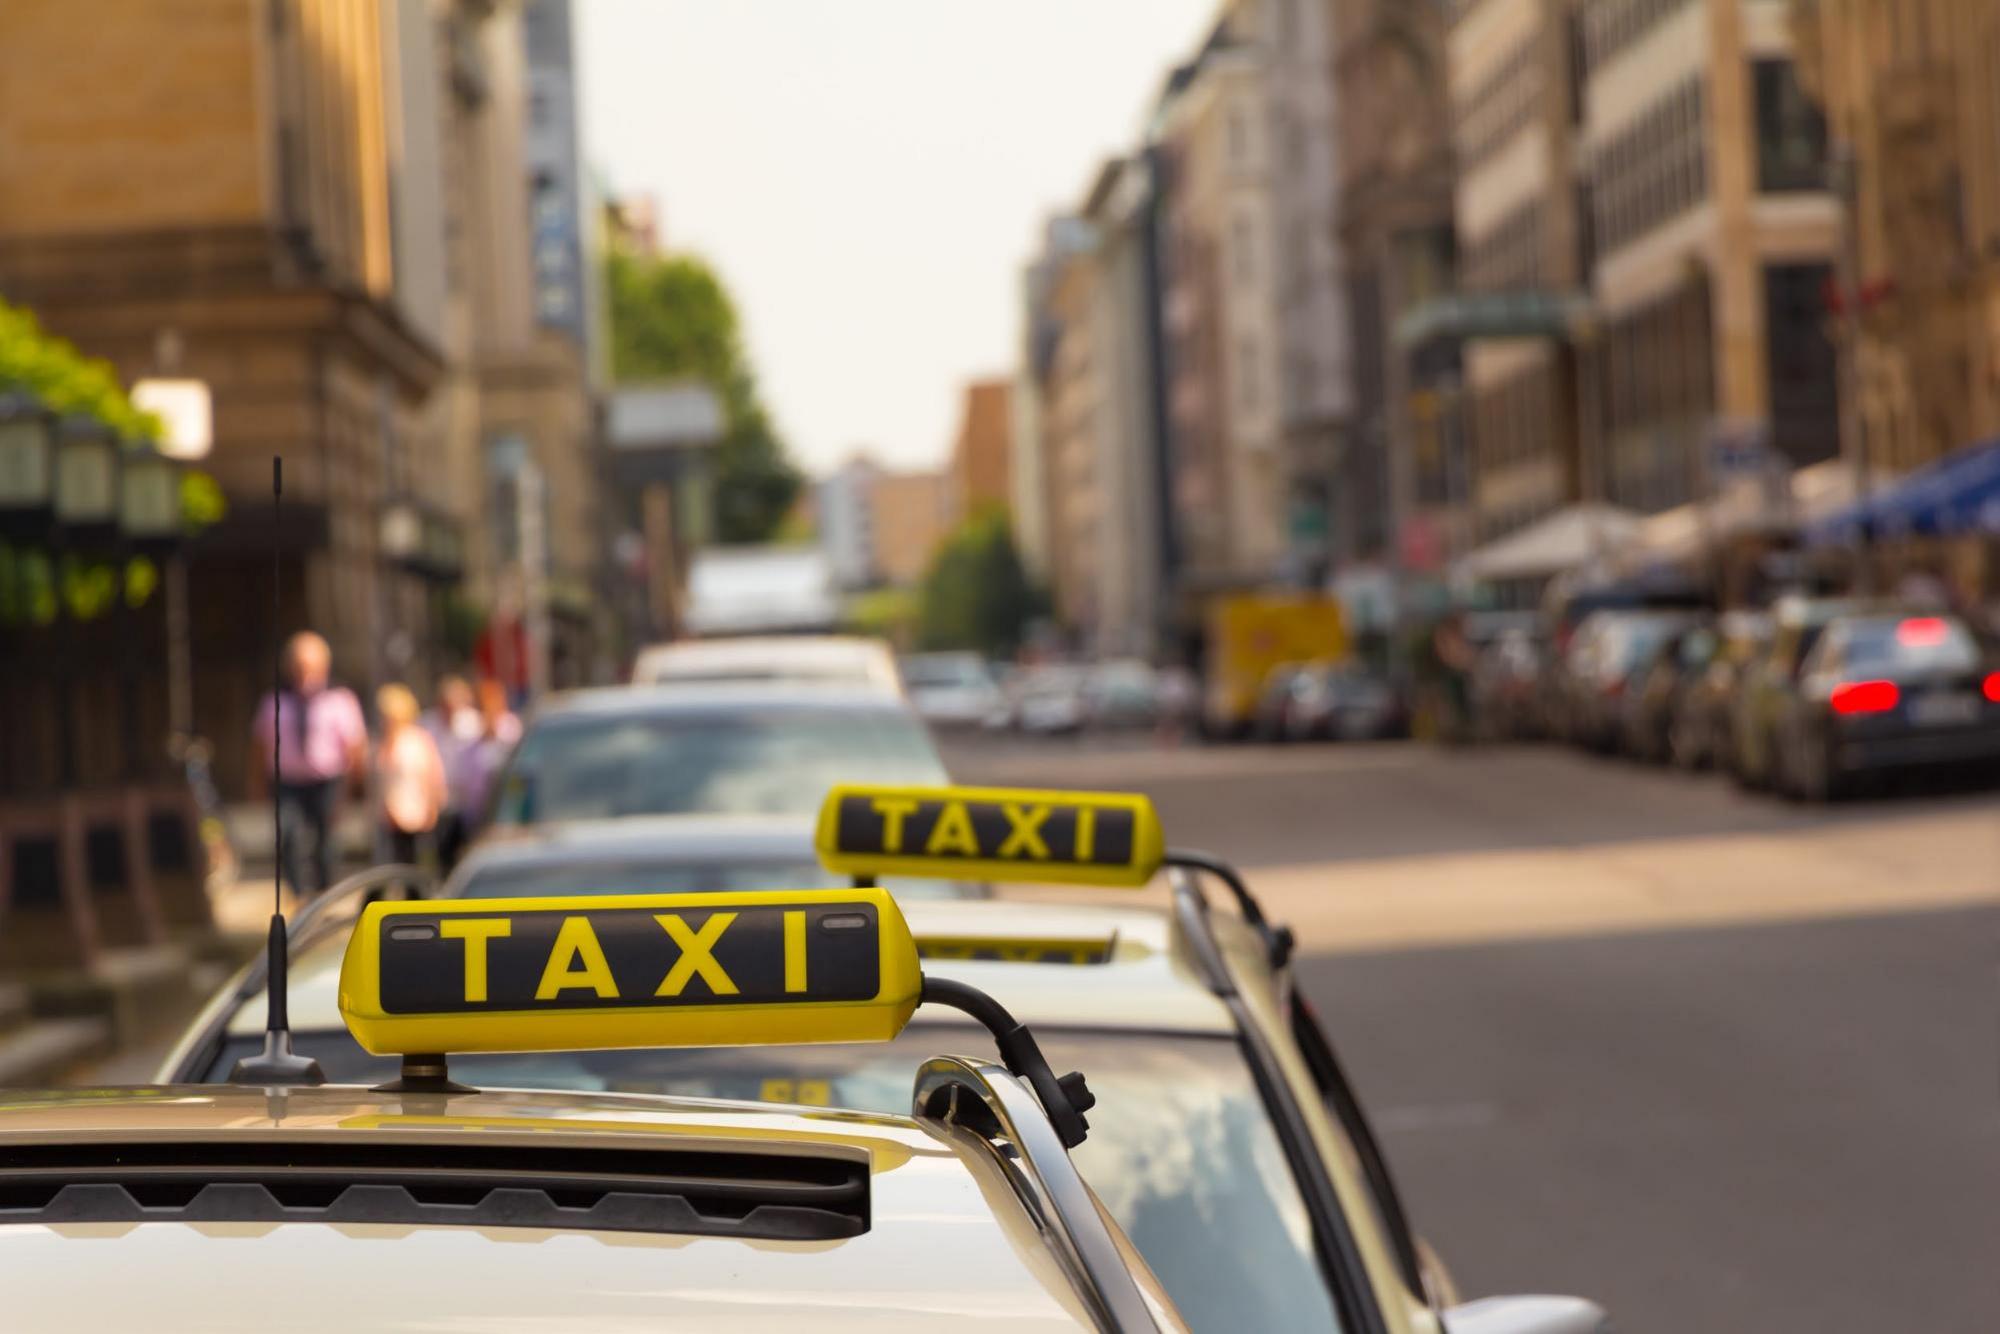 2 taxi.jpg